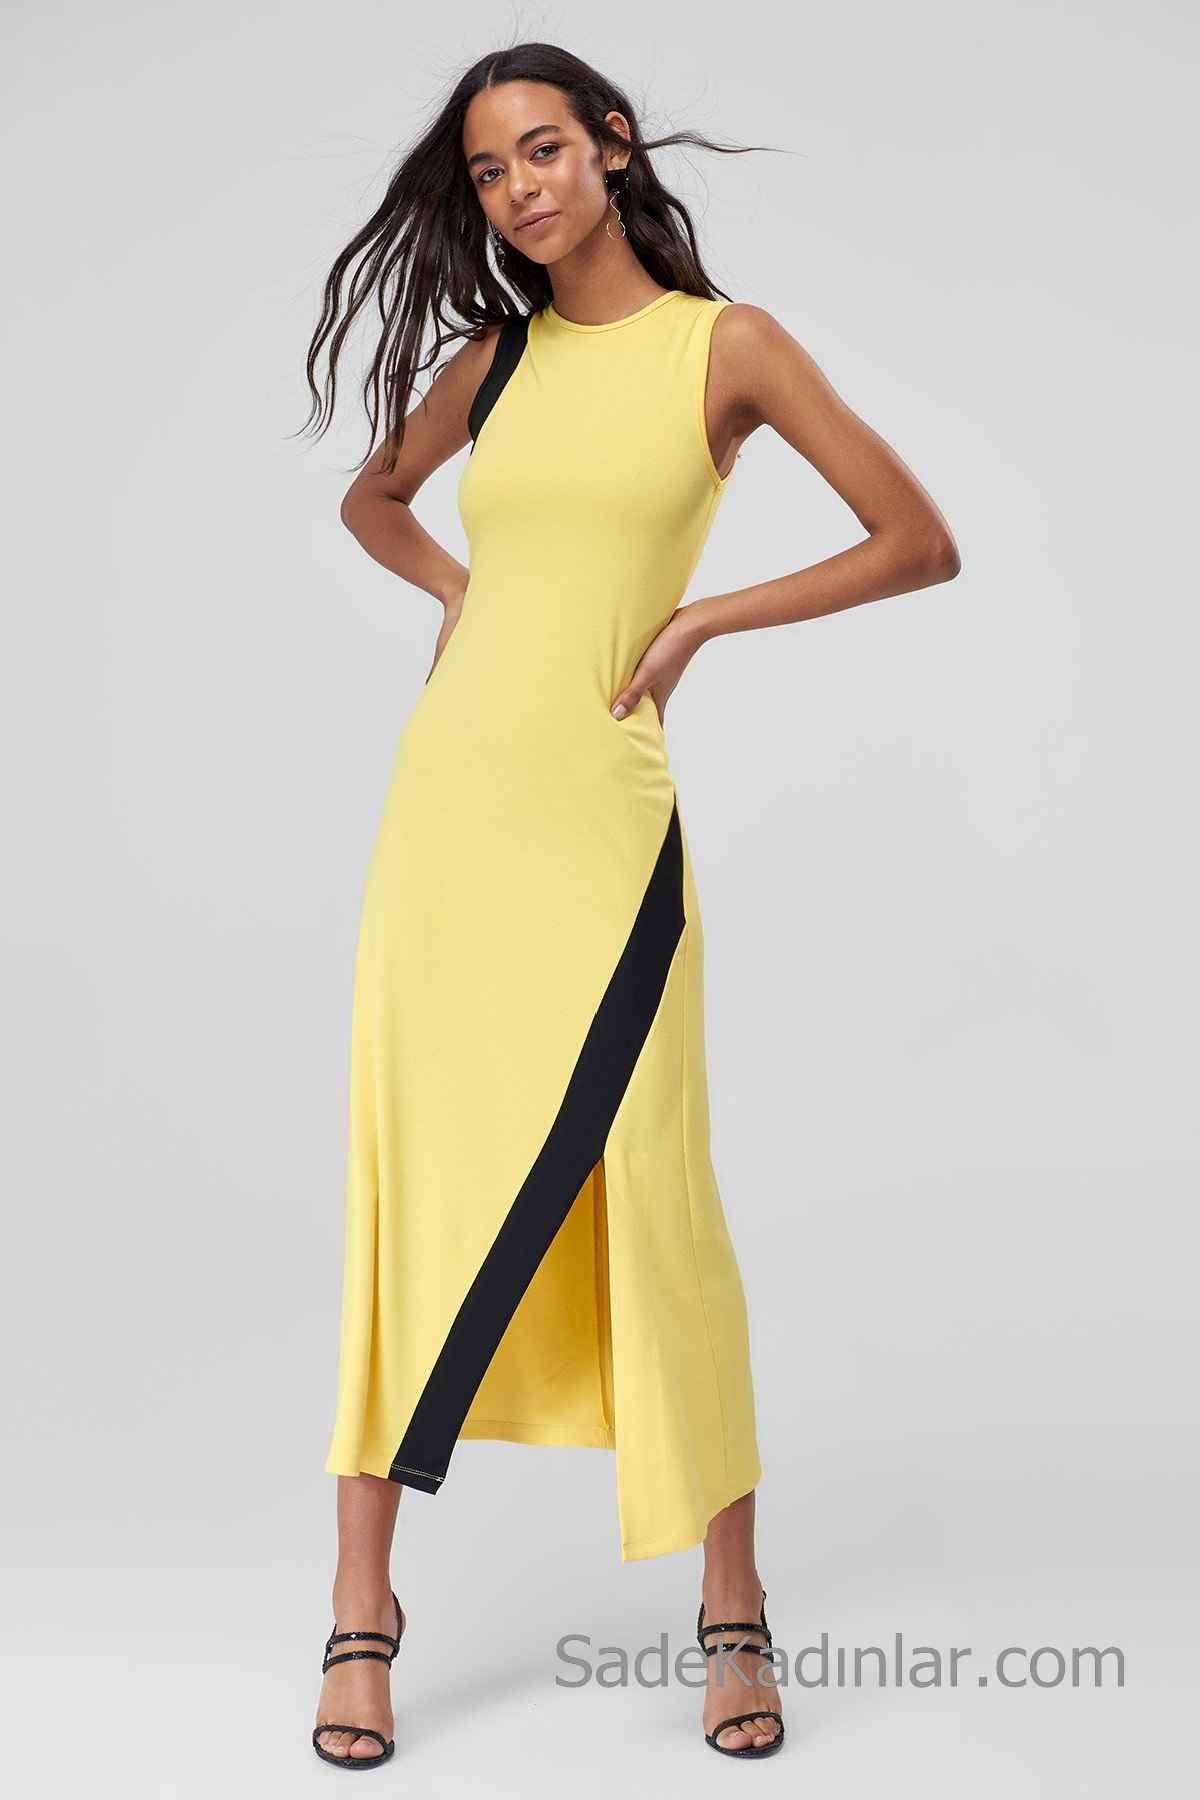 2020 Gunluk Elbise Modelleri Sari Uzun Kolsuz Onden Yirtmacli Siyah Seritli Elbise Modelleri Elbise Moda Stilleri